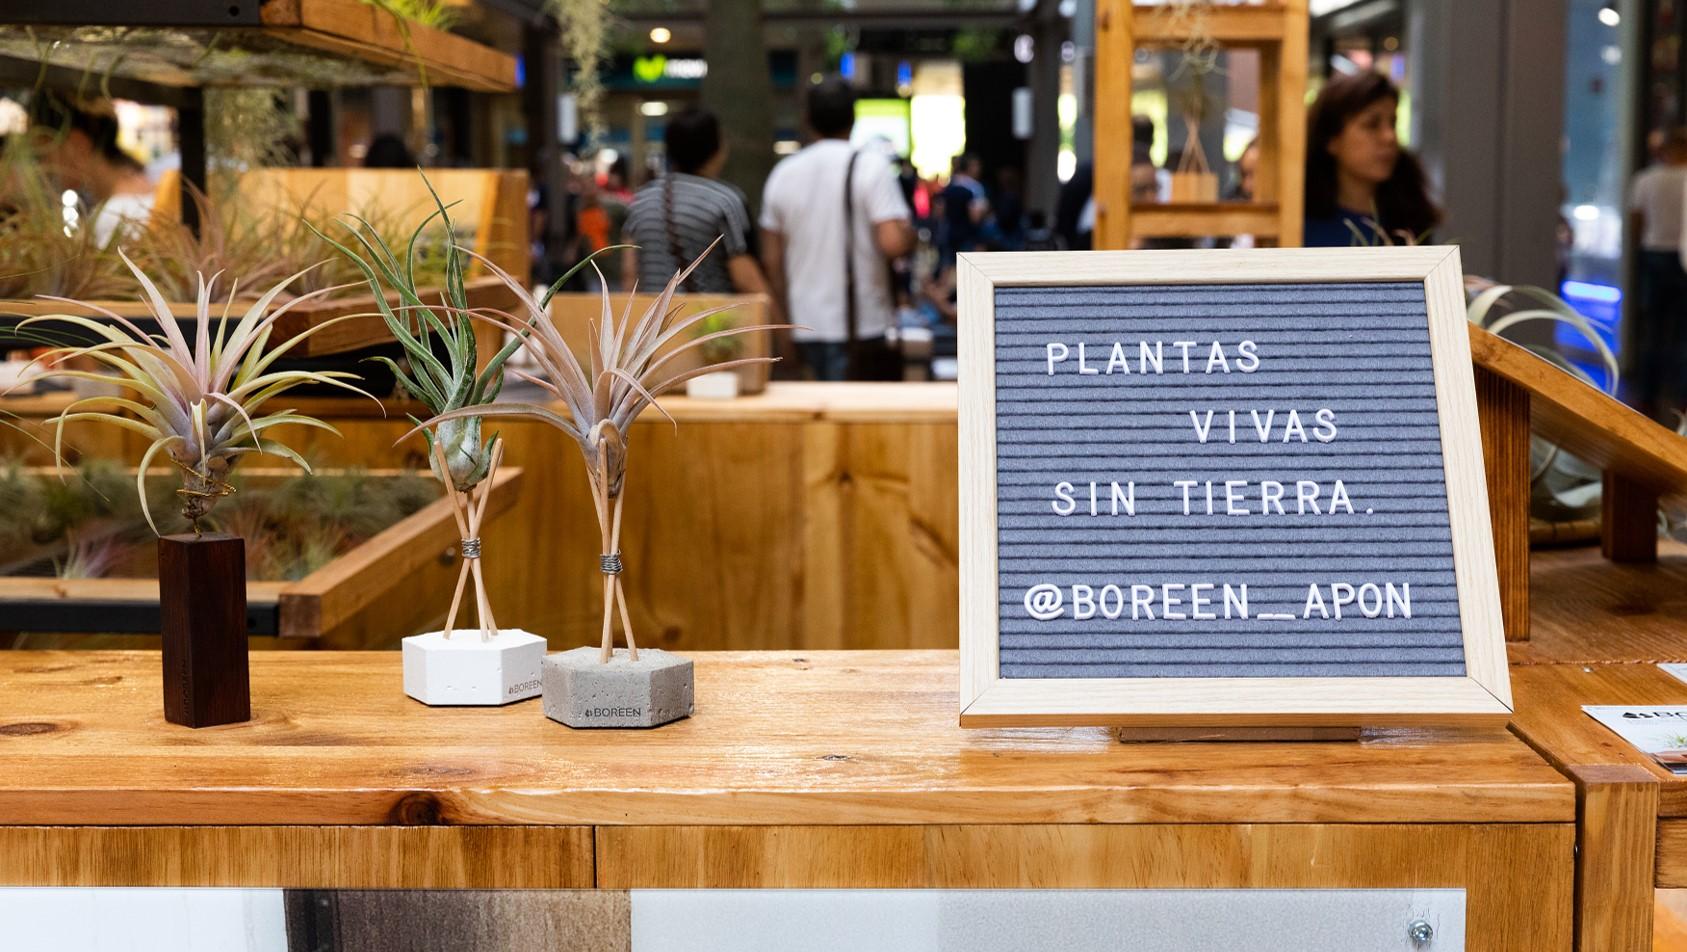 BOREEN - Plantas del aire